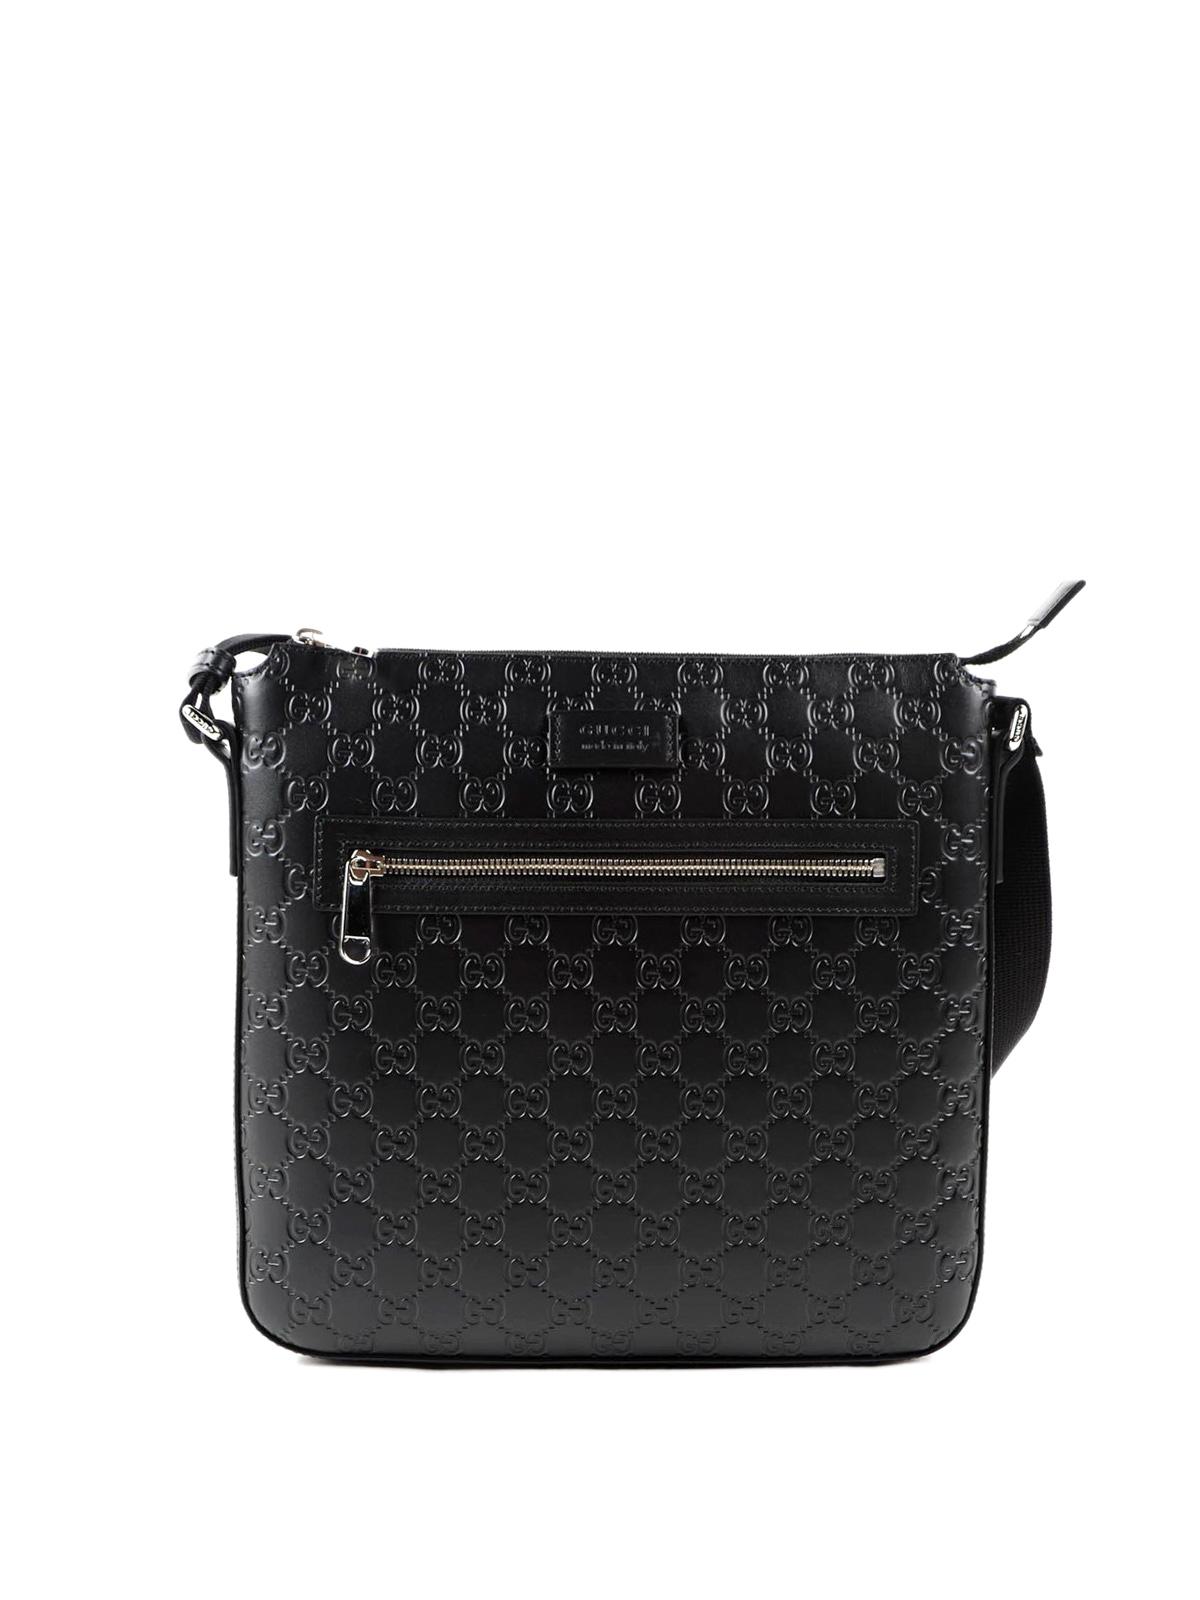 2bc54073fa4 Gucci - Guccissima leather messenger bag - cross body bags ...